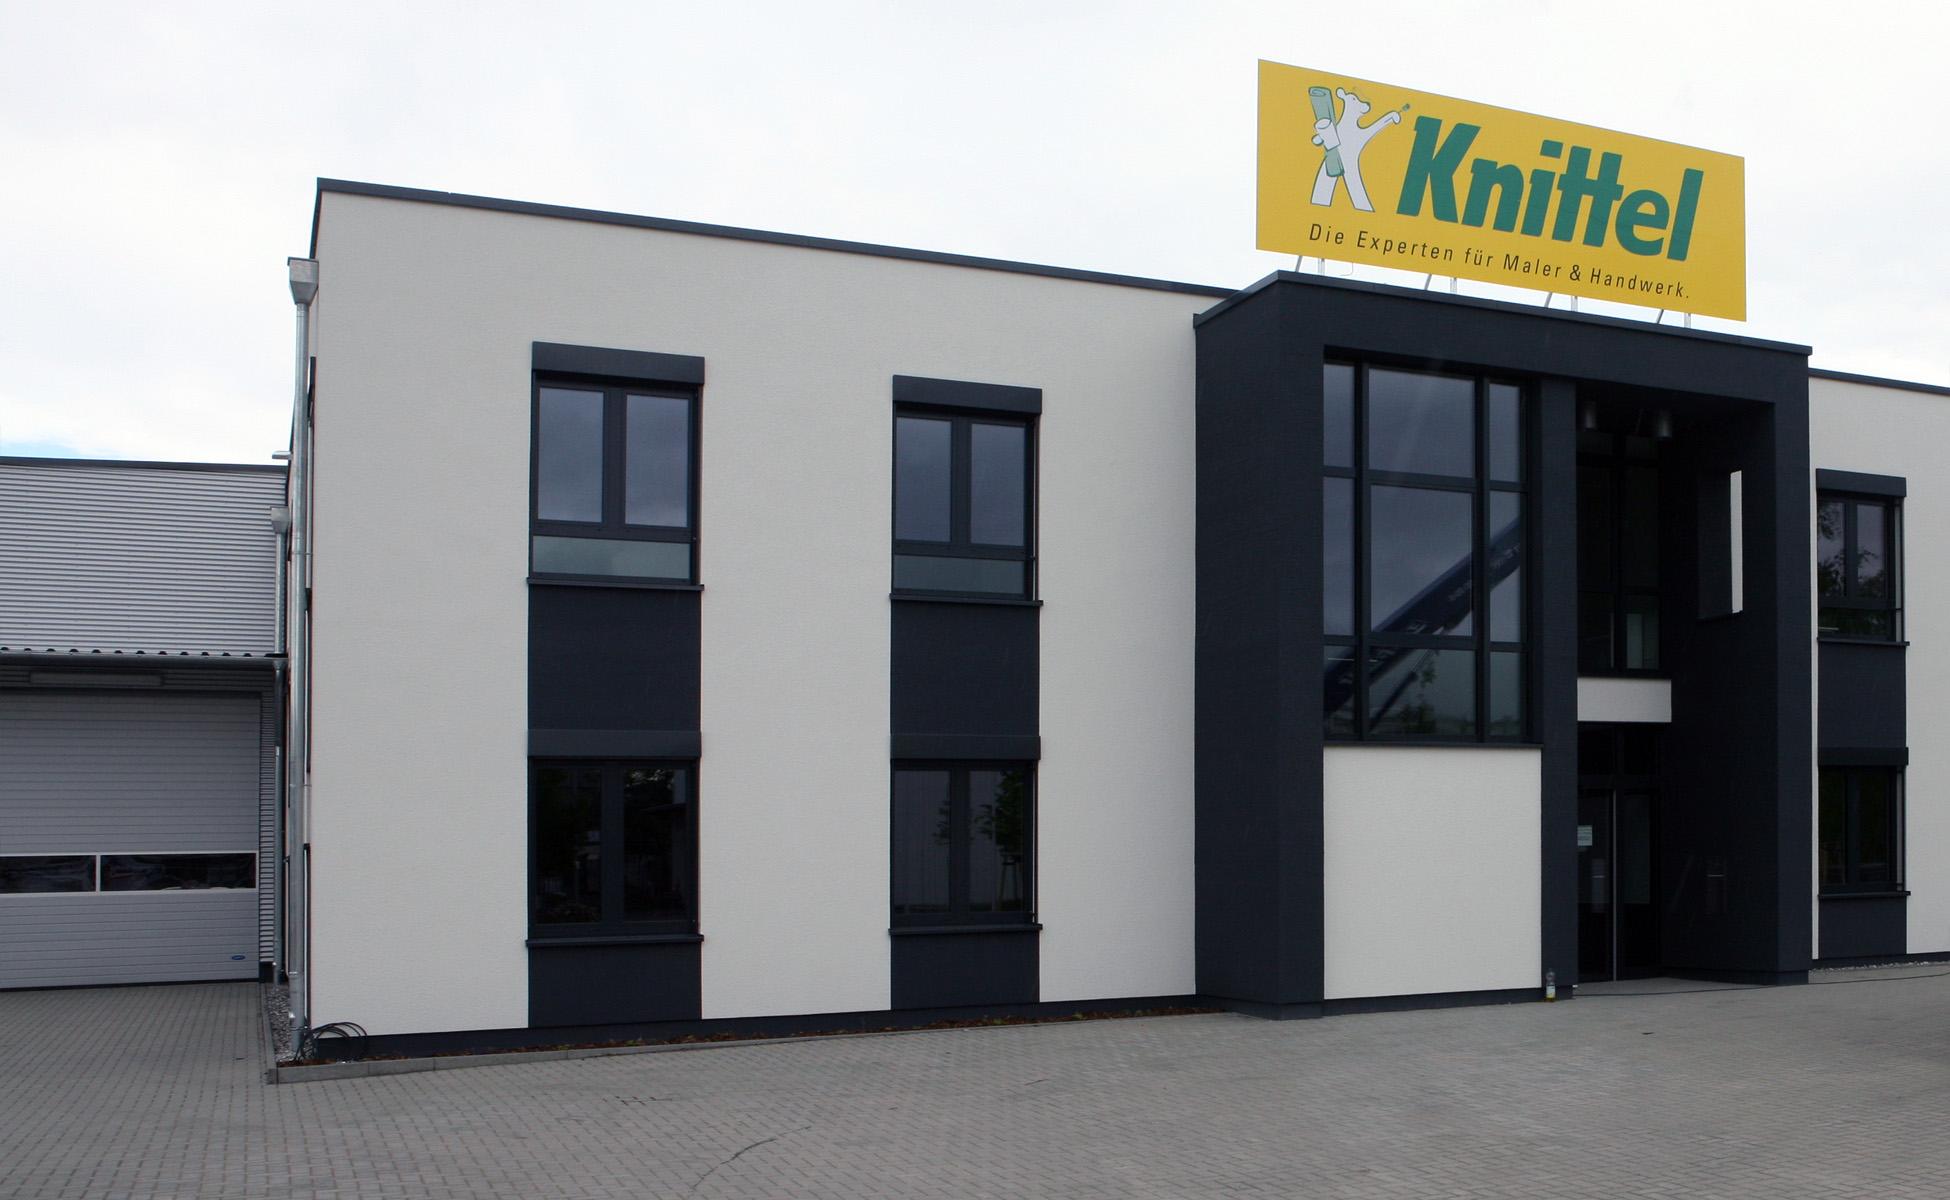 09 knittel filiale